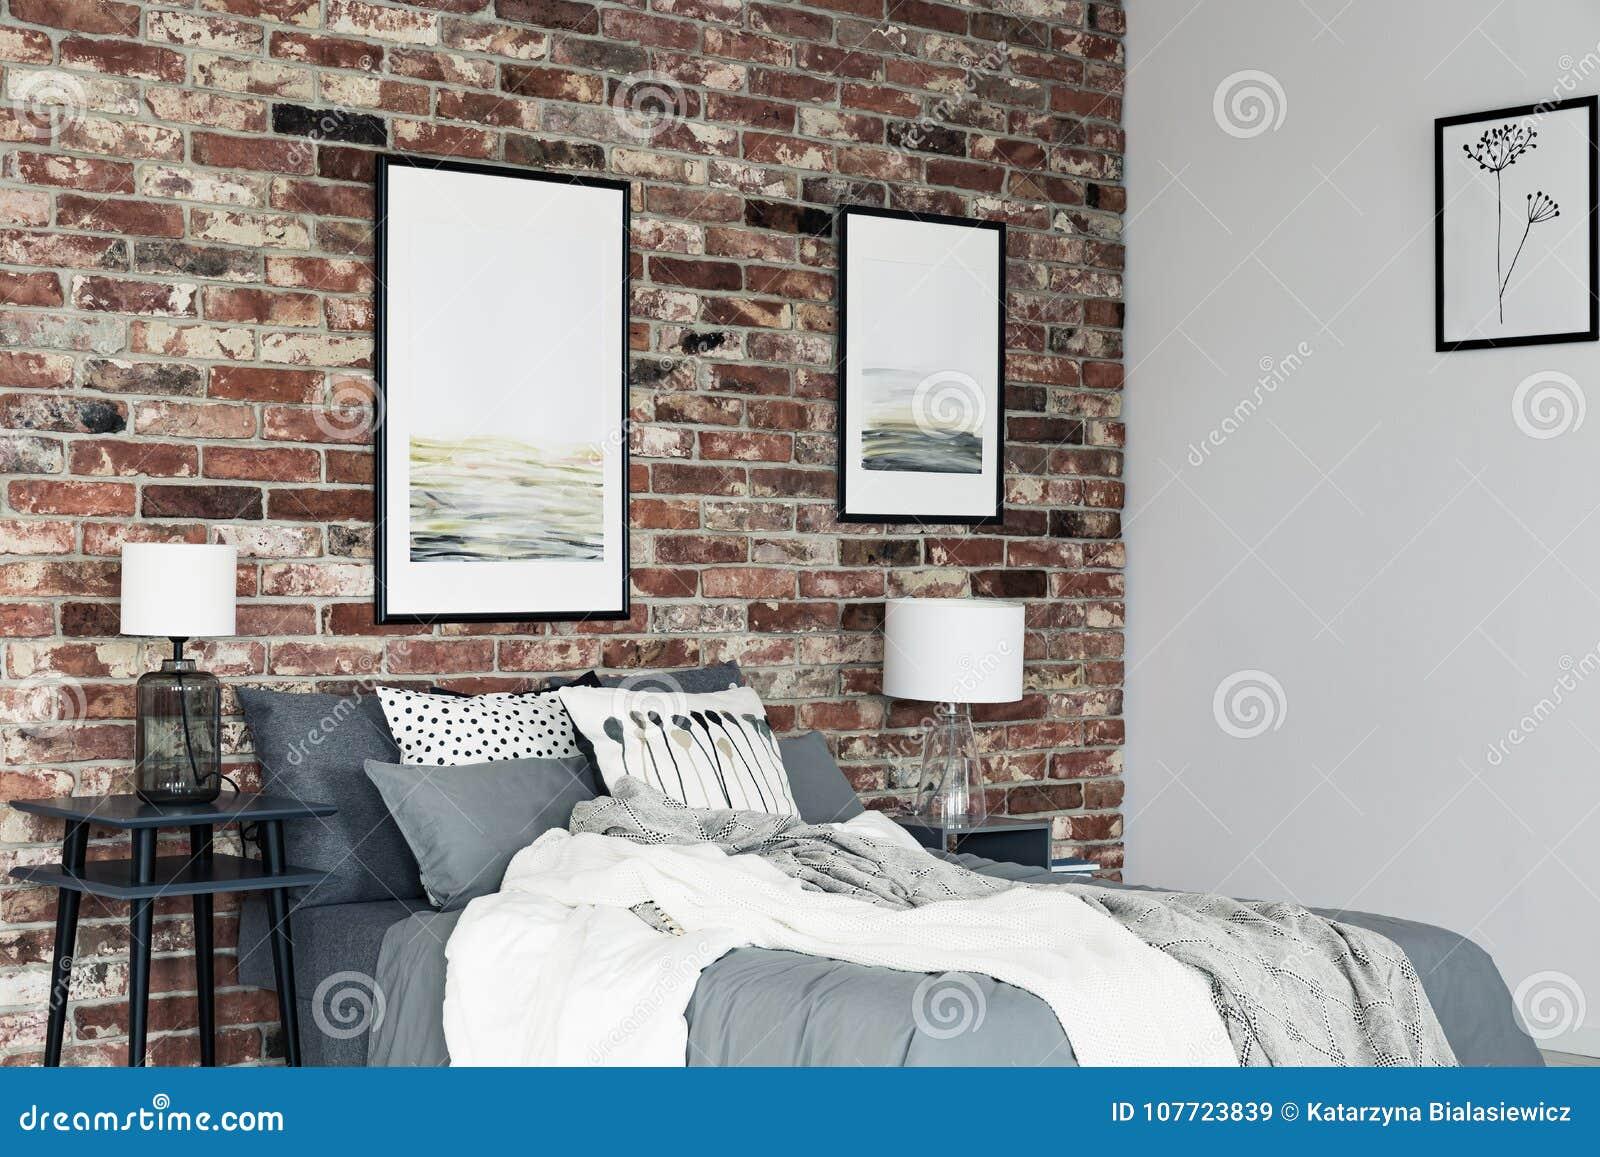 Malereien Im Gemutlichen Schlafzimmer Stockbild Bild Von